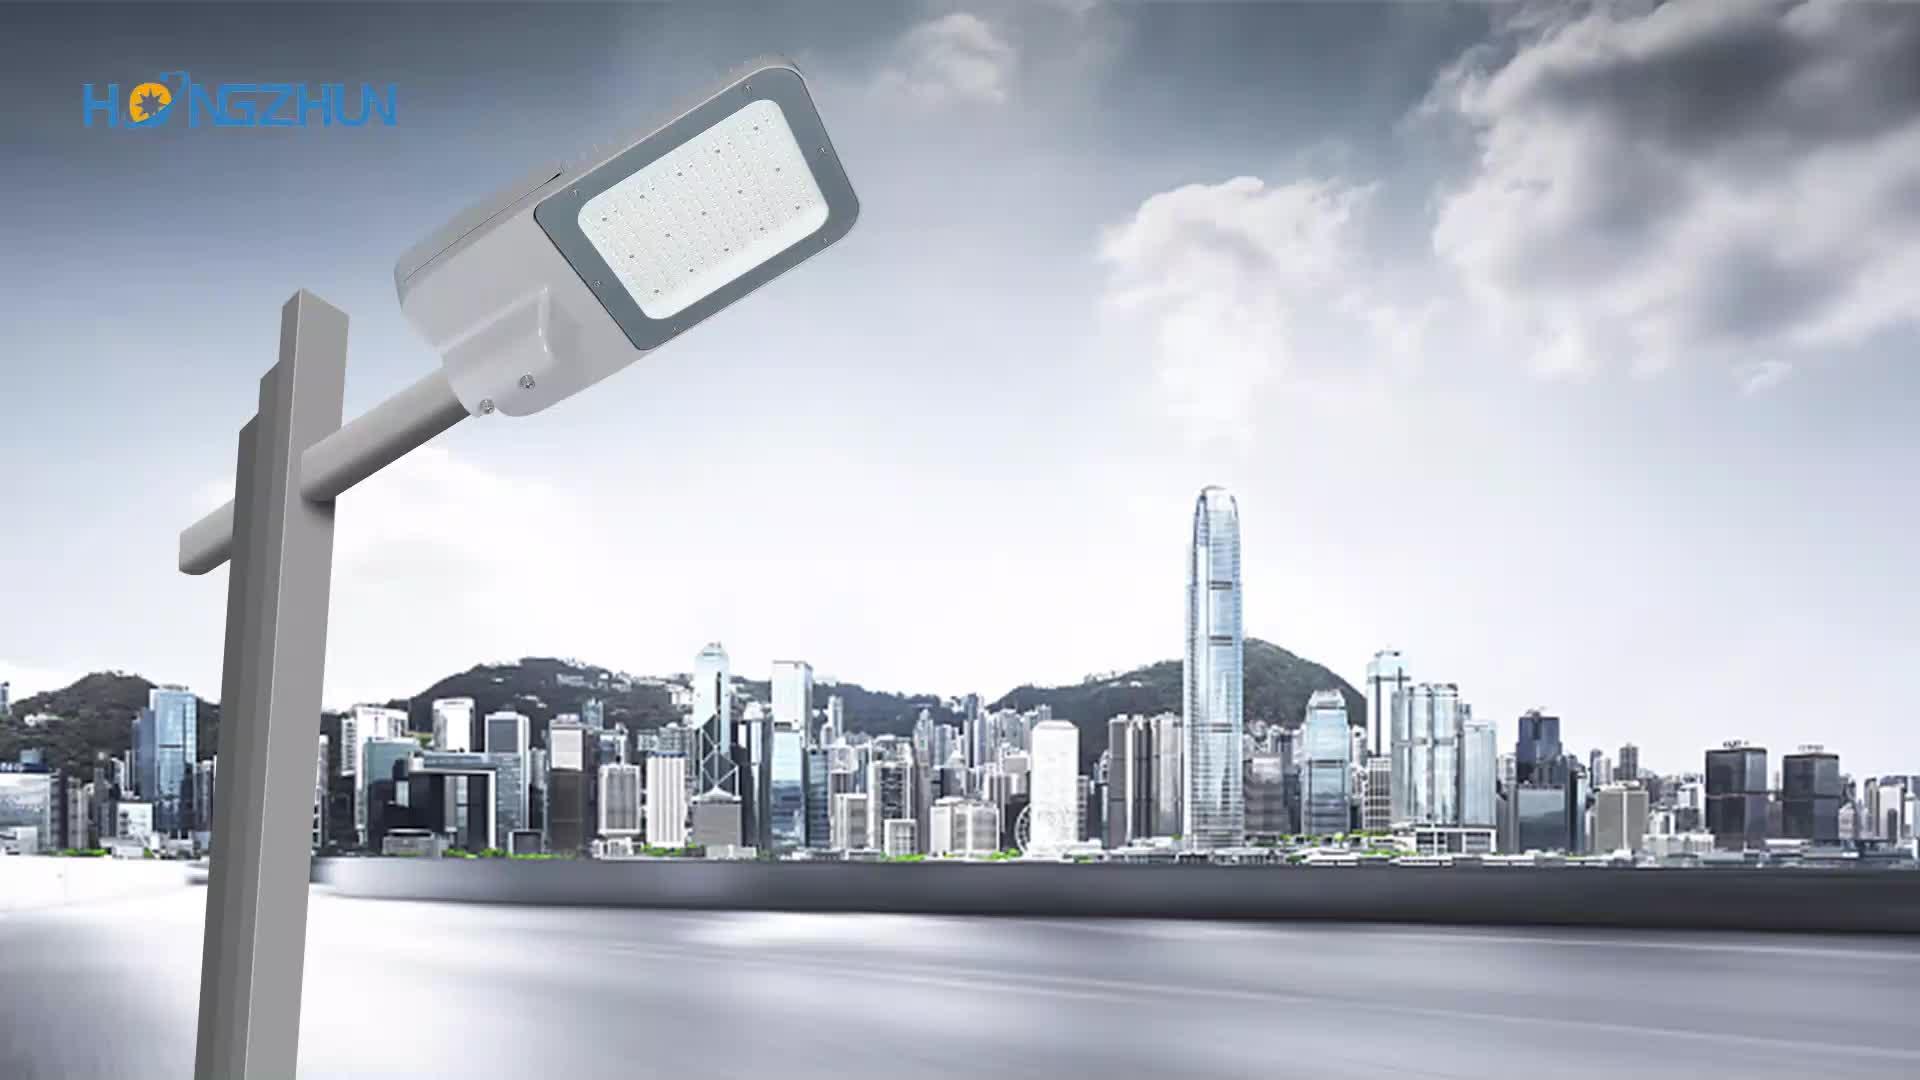 Best quality 100w 150w 200w 240w 300w outdoor IP66 waterproof smd led street light price